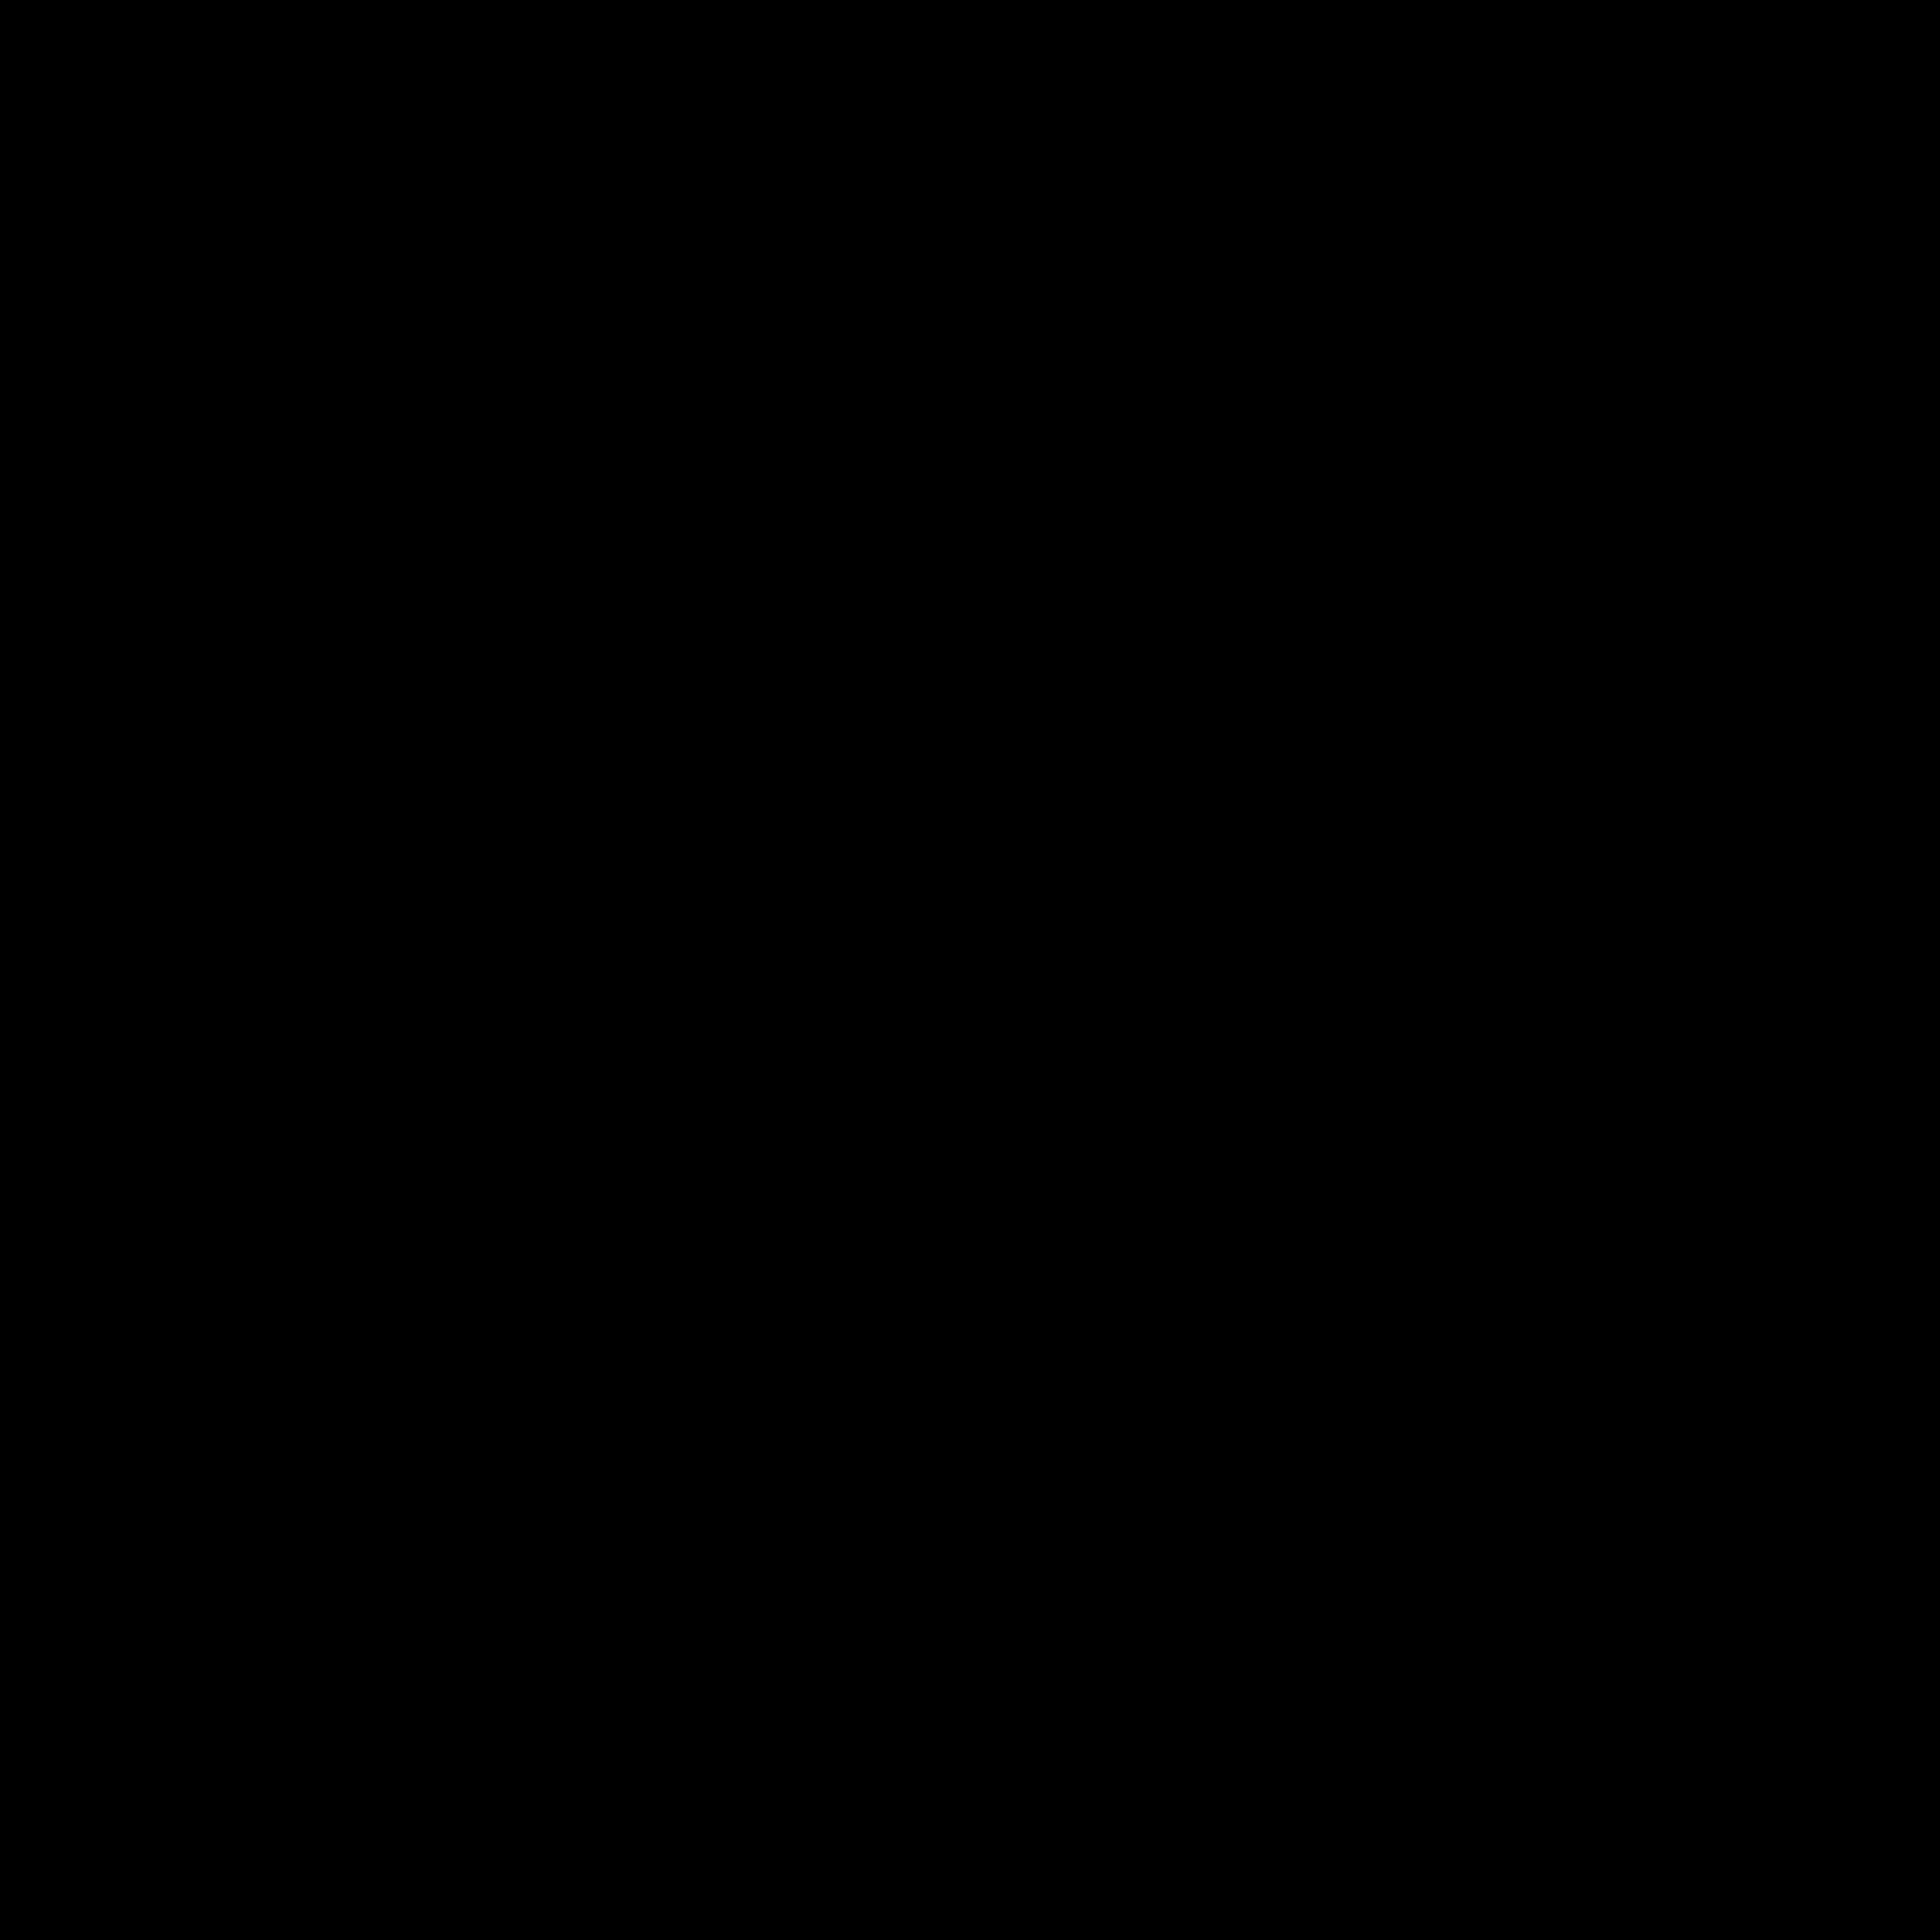 AB3-67C